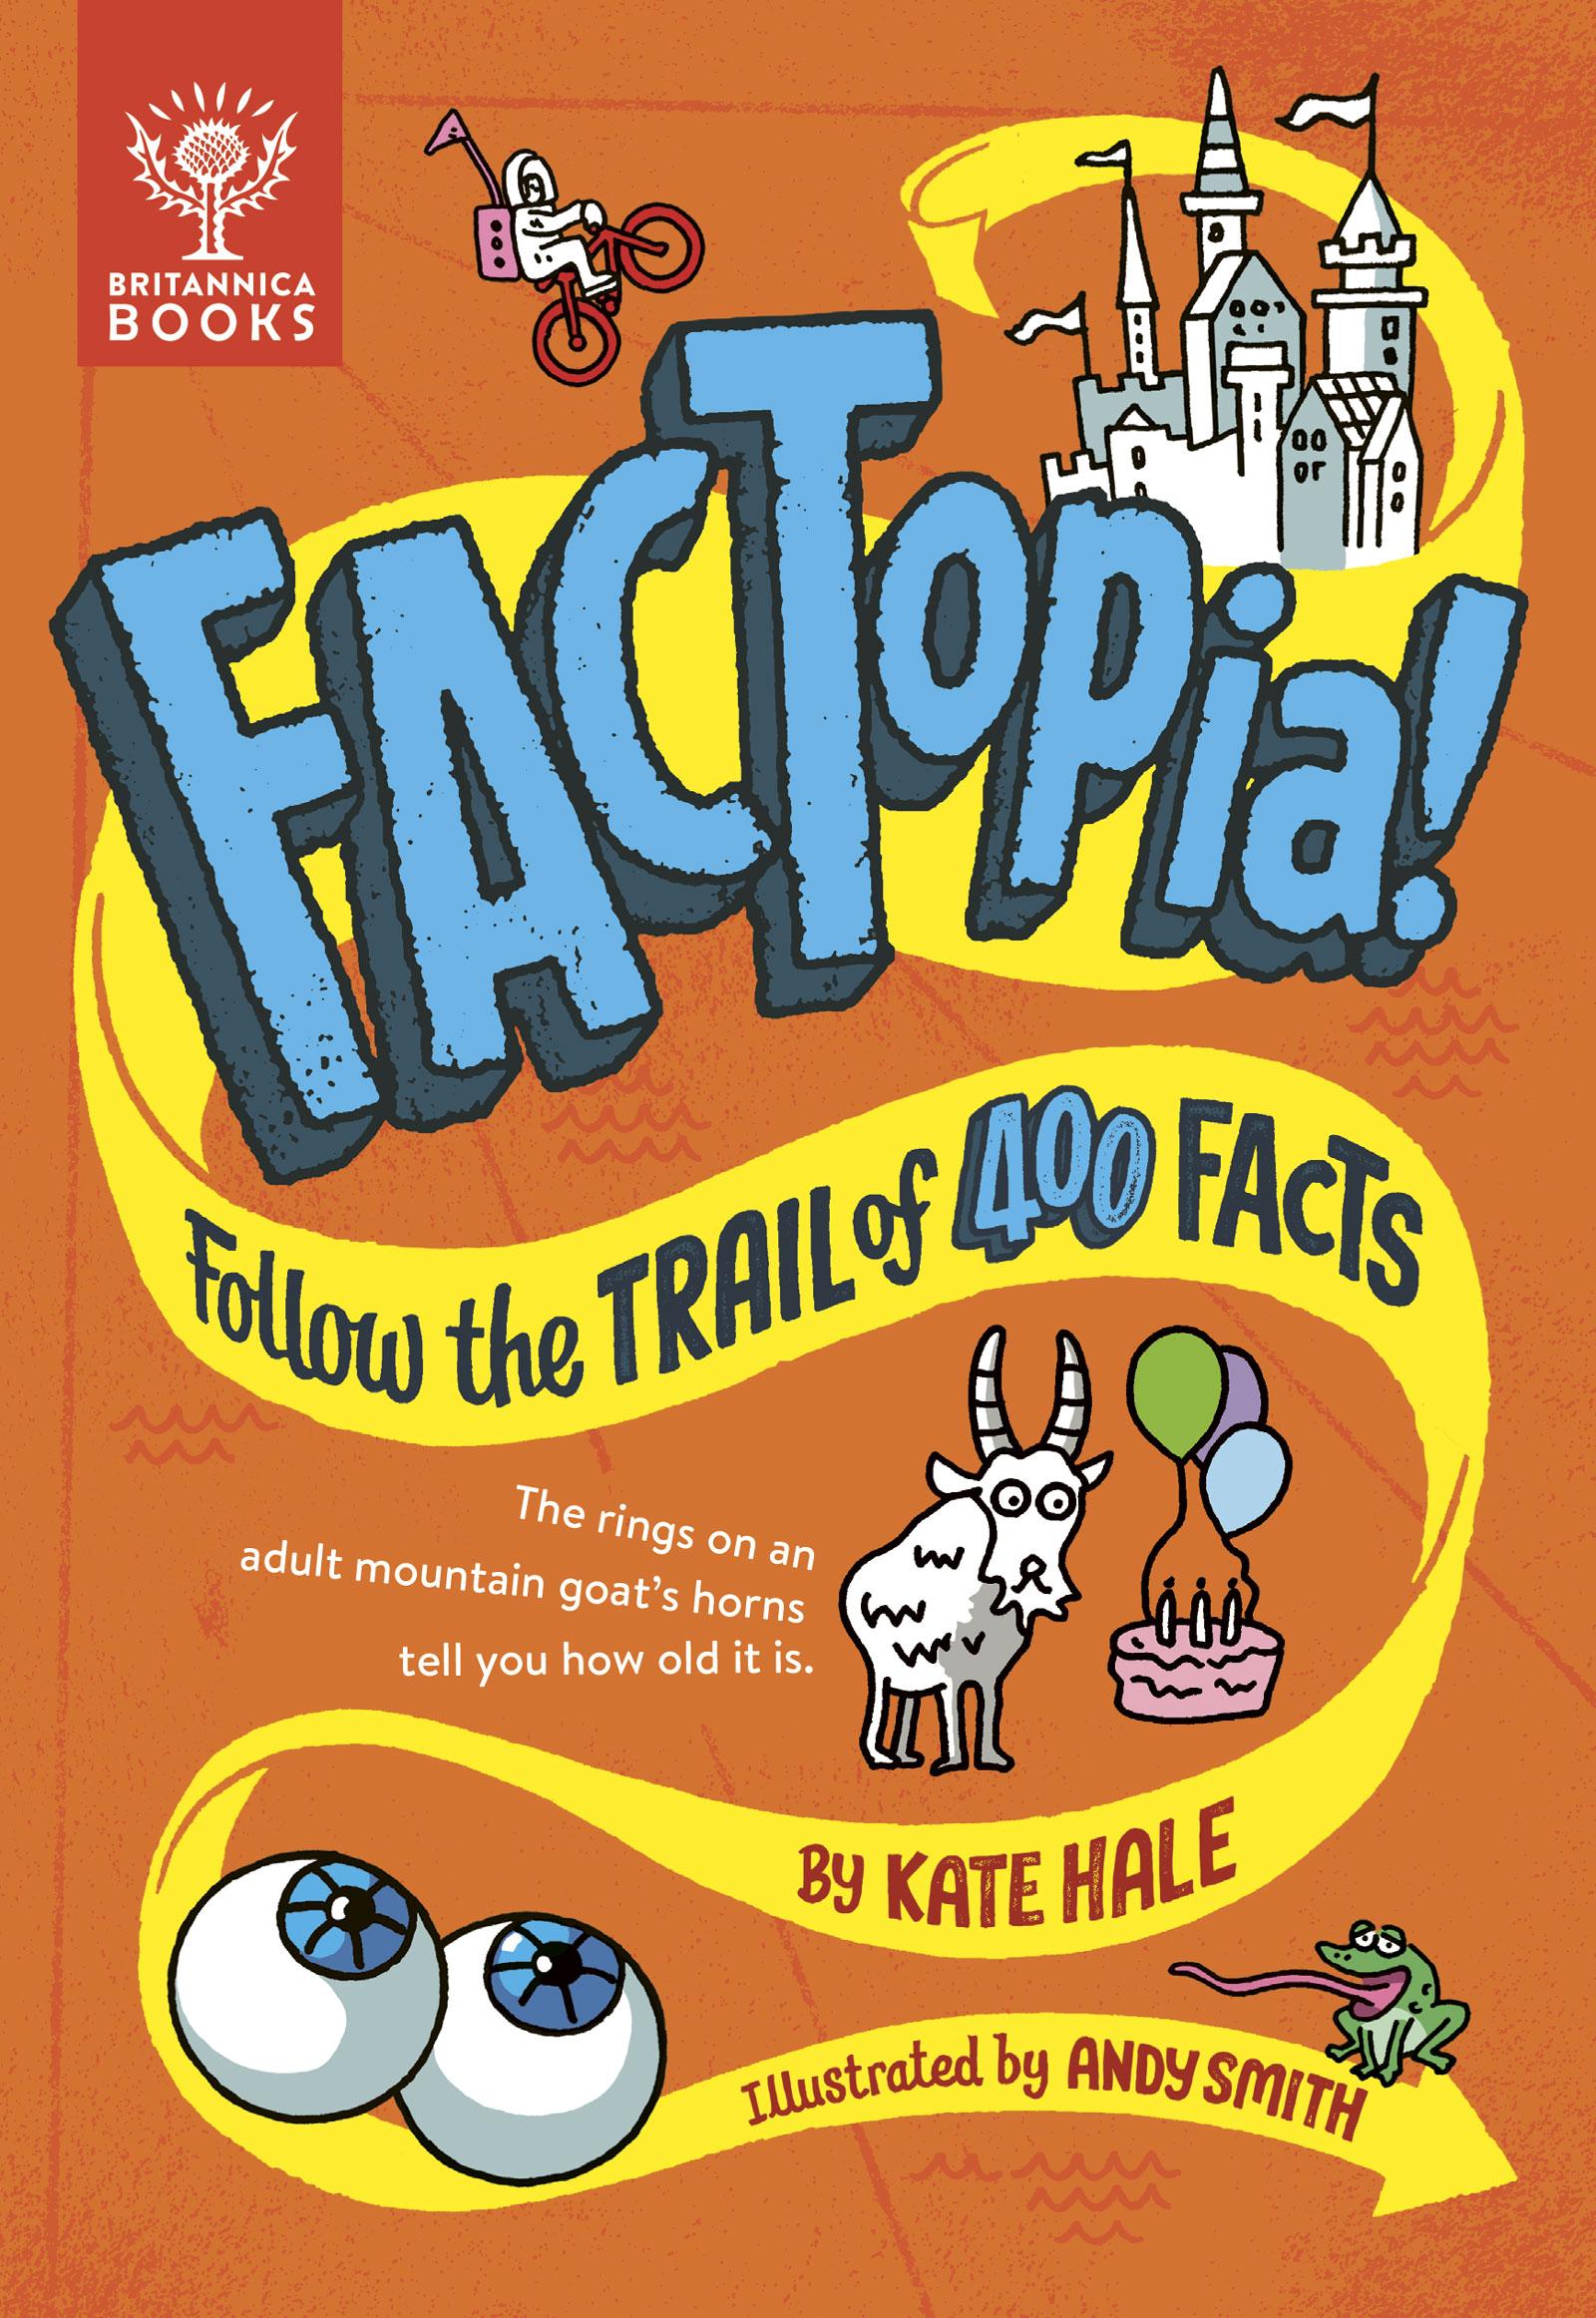 FACTopia!